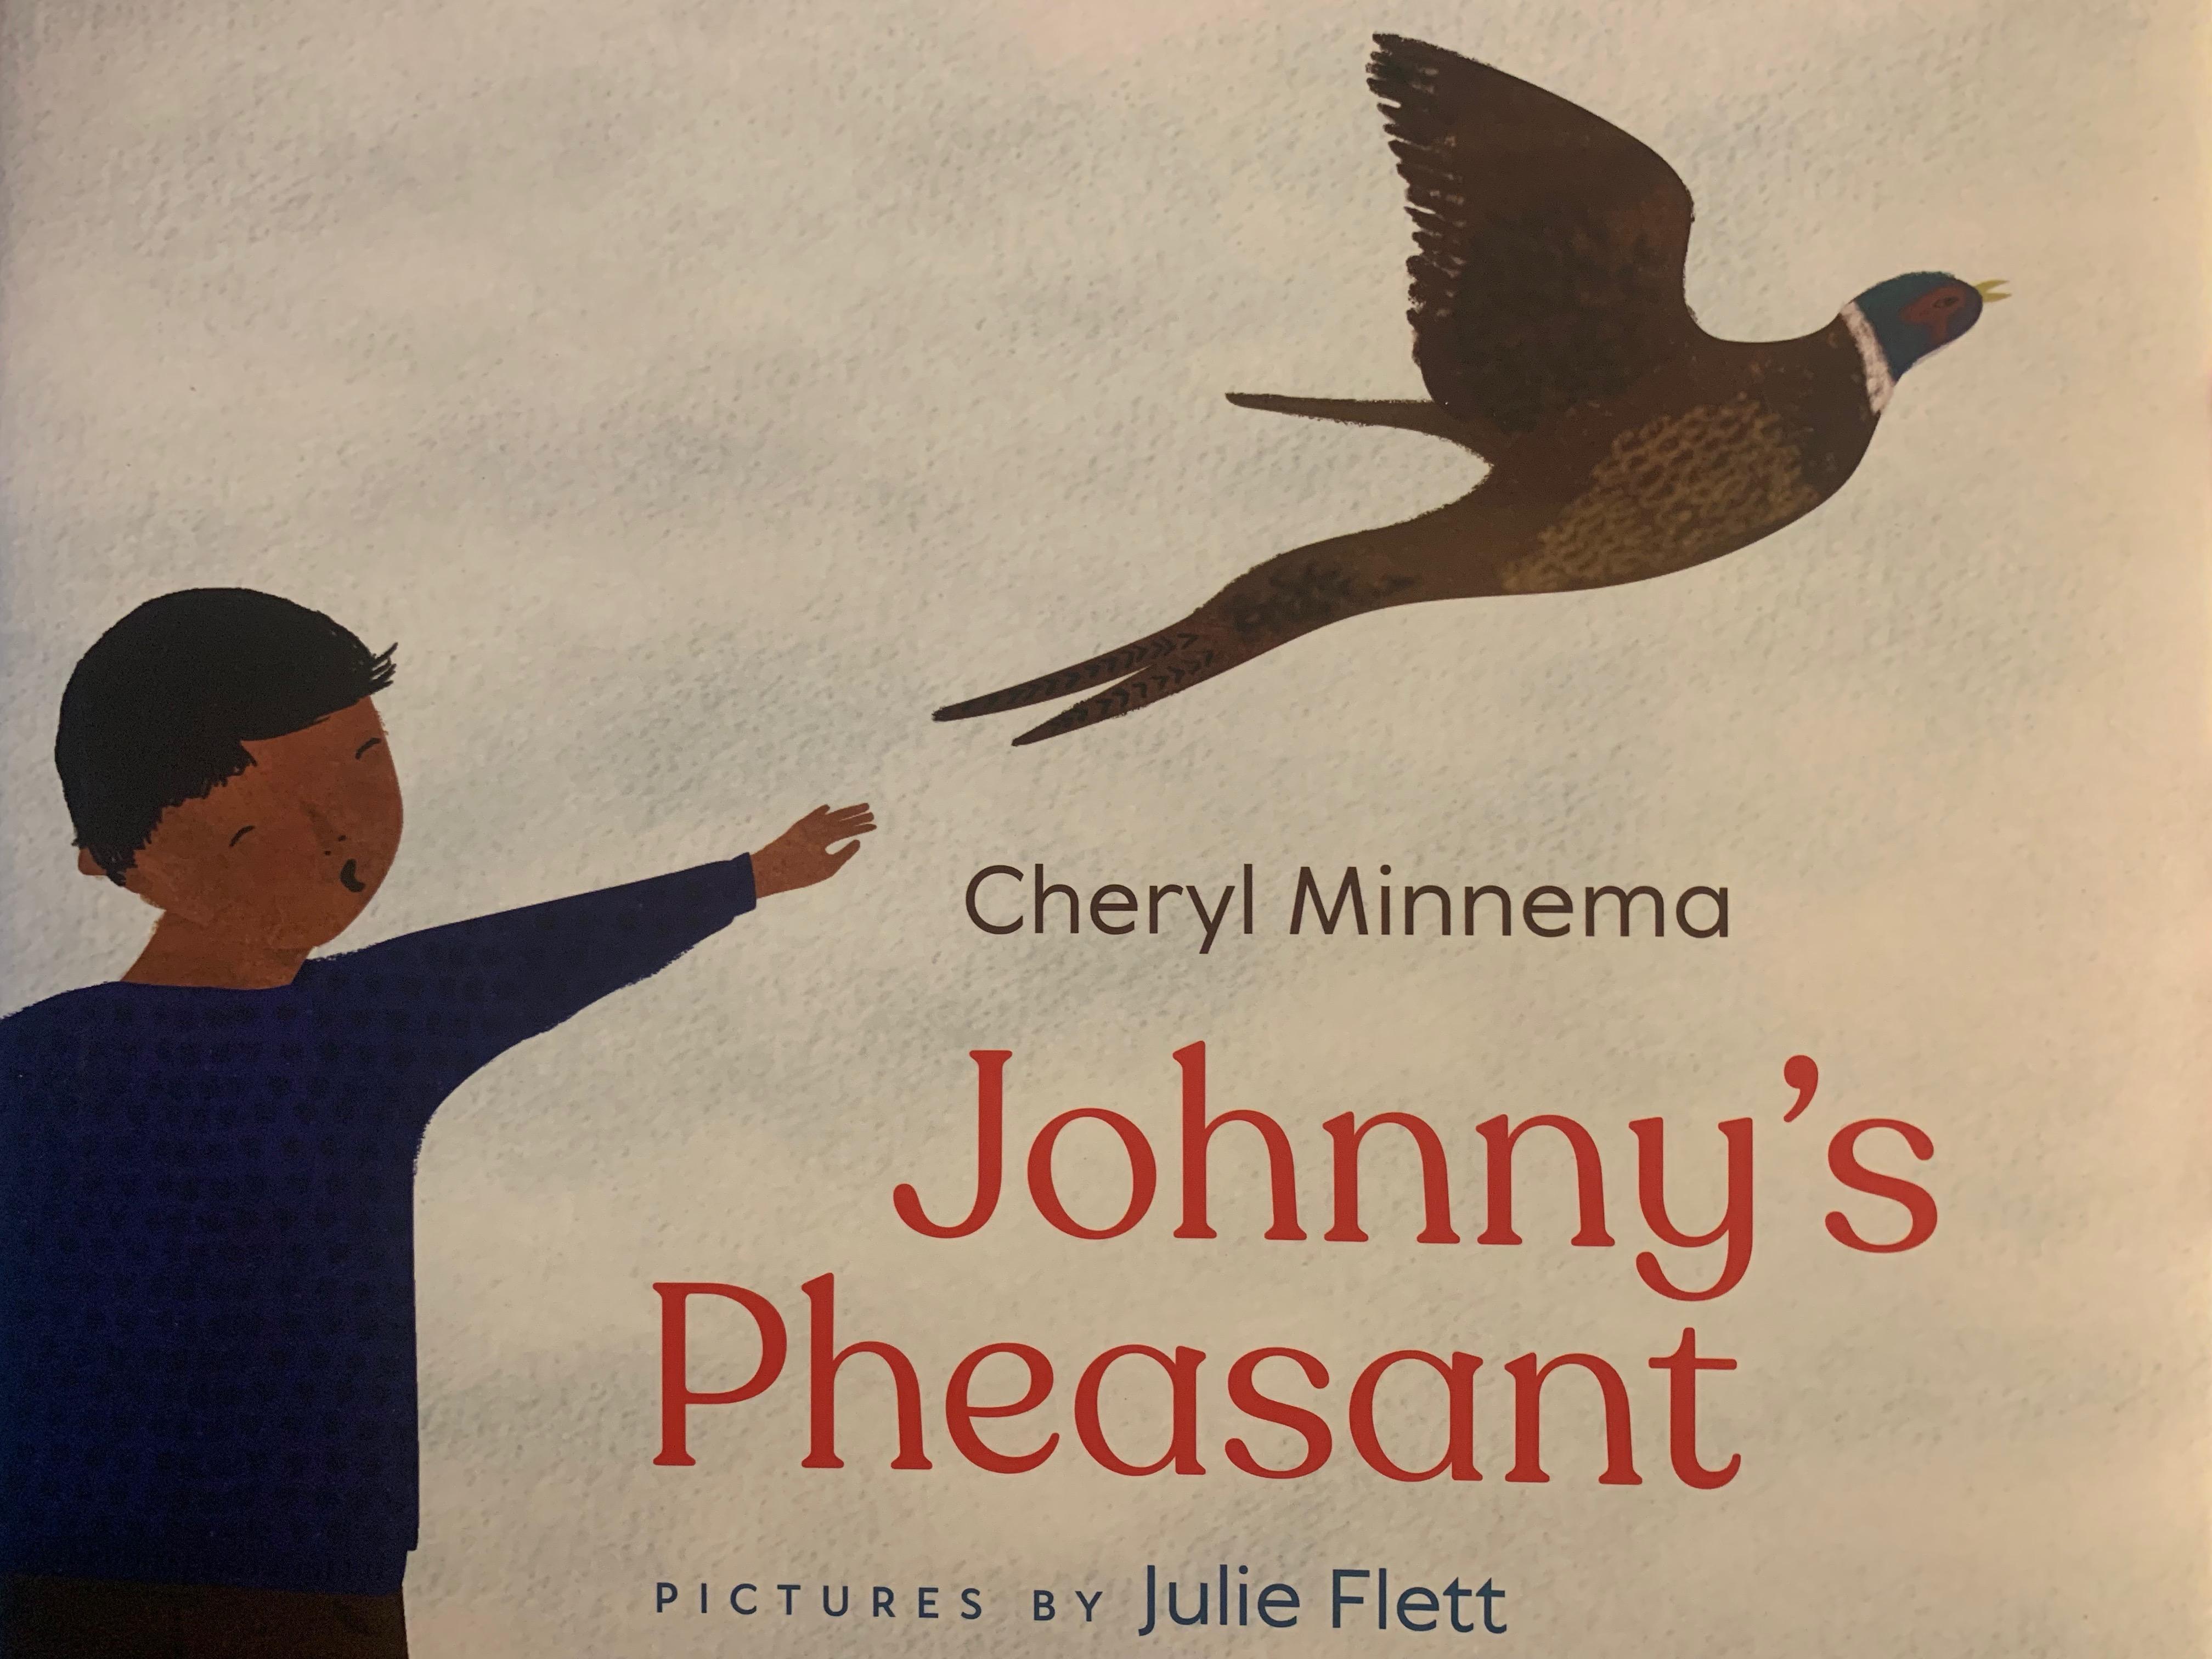 Minnesota Native News: Cheryl Minnema publishes new Children's Book